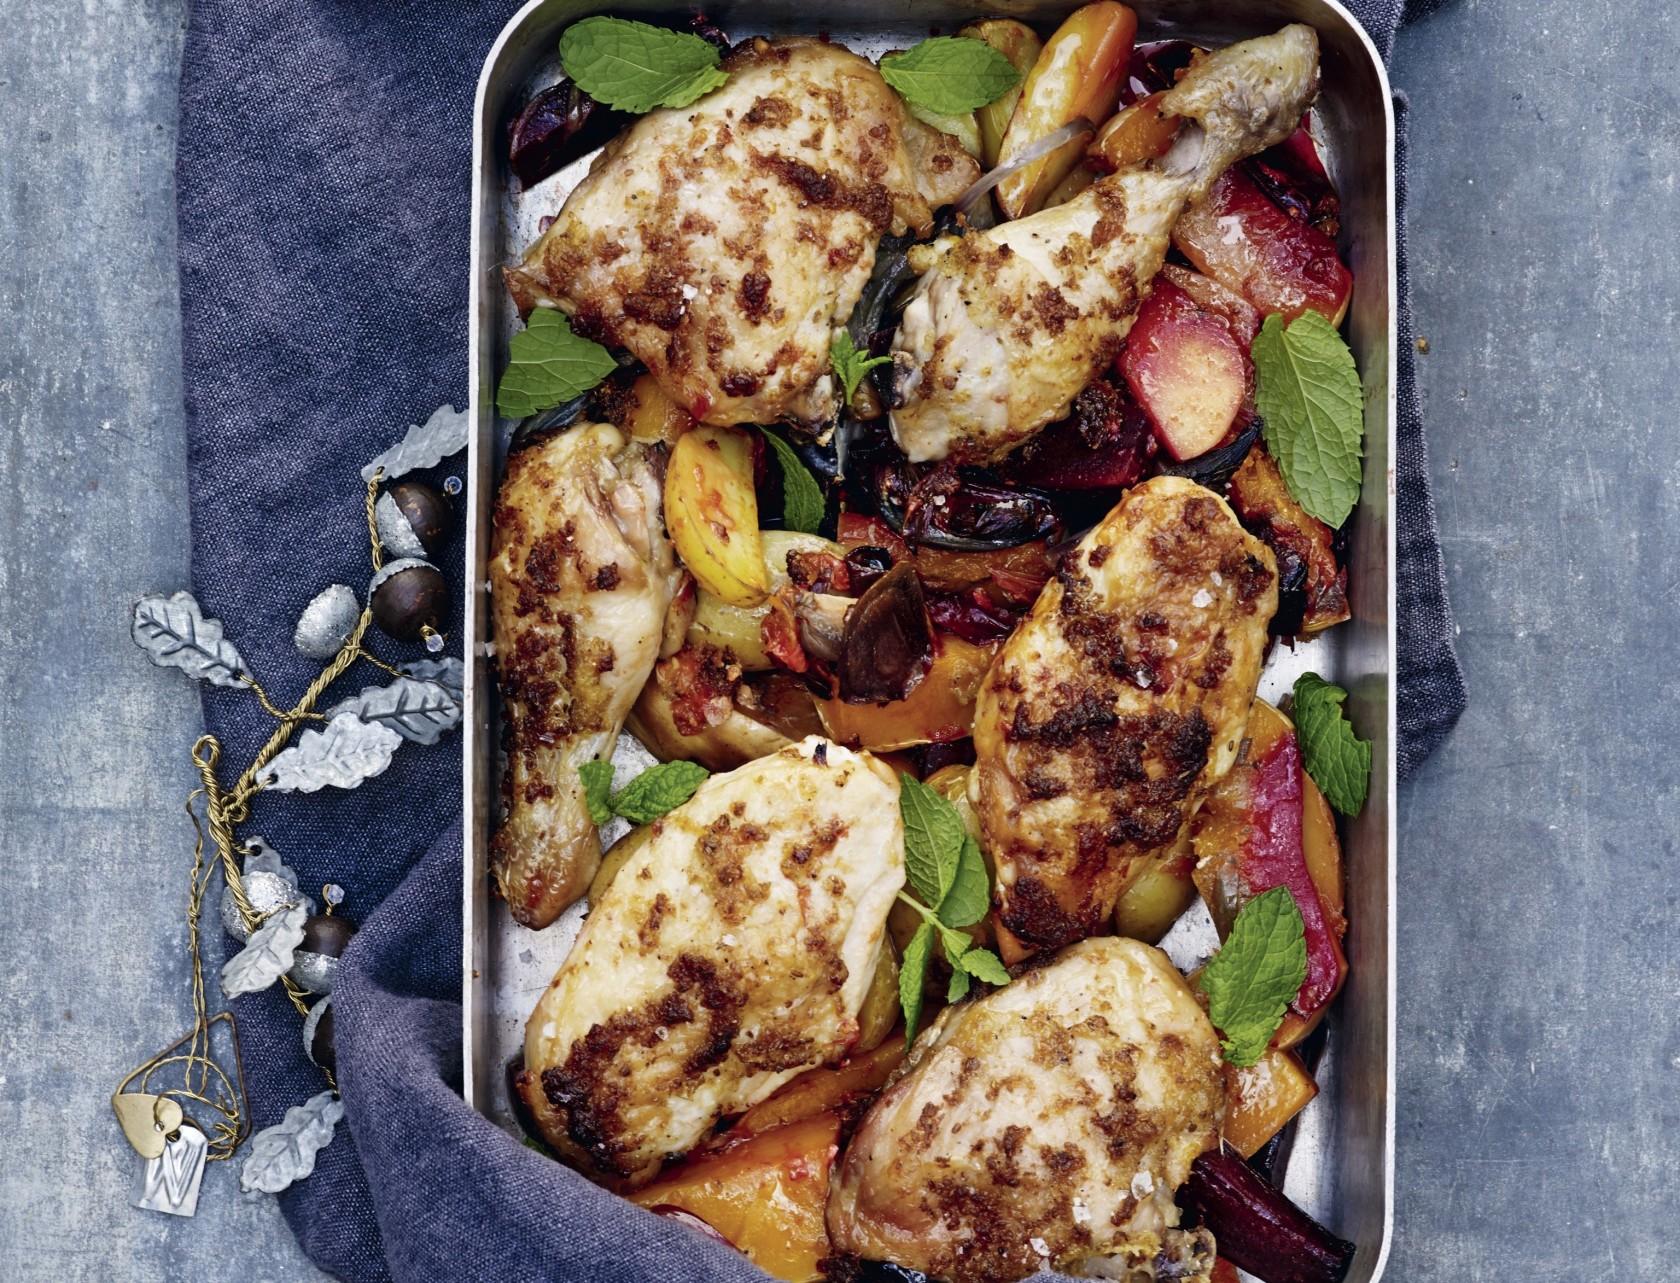 Ovnstegt ingefærkylling med bagte rodfrugter - nem og lækker opskrift!